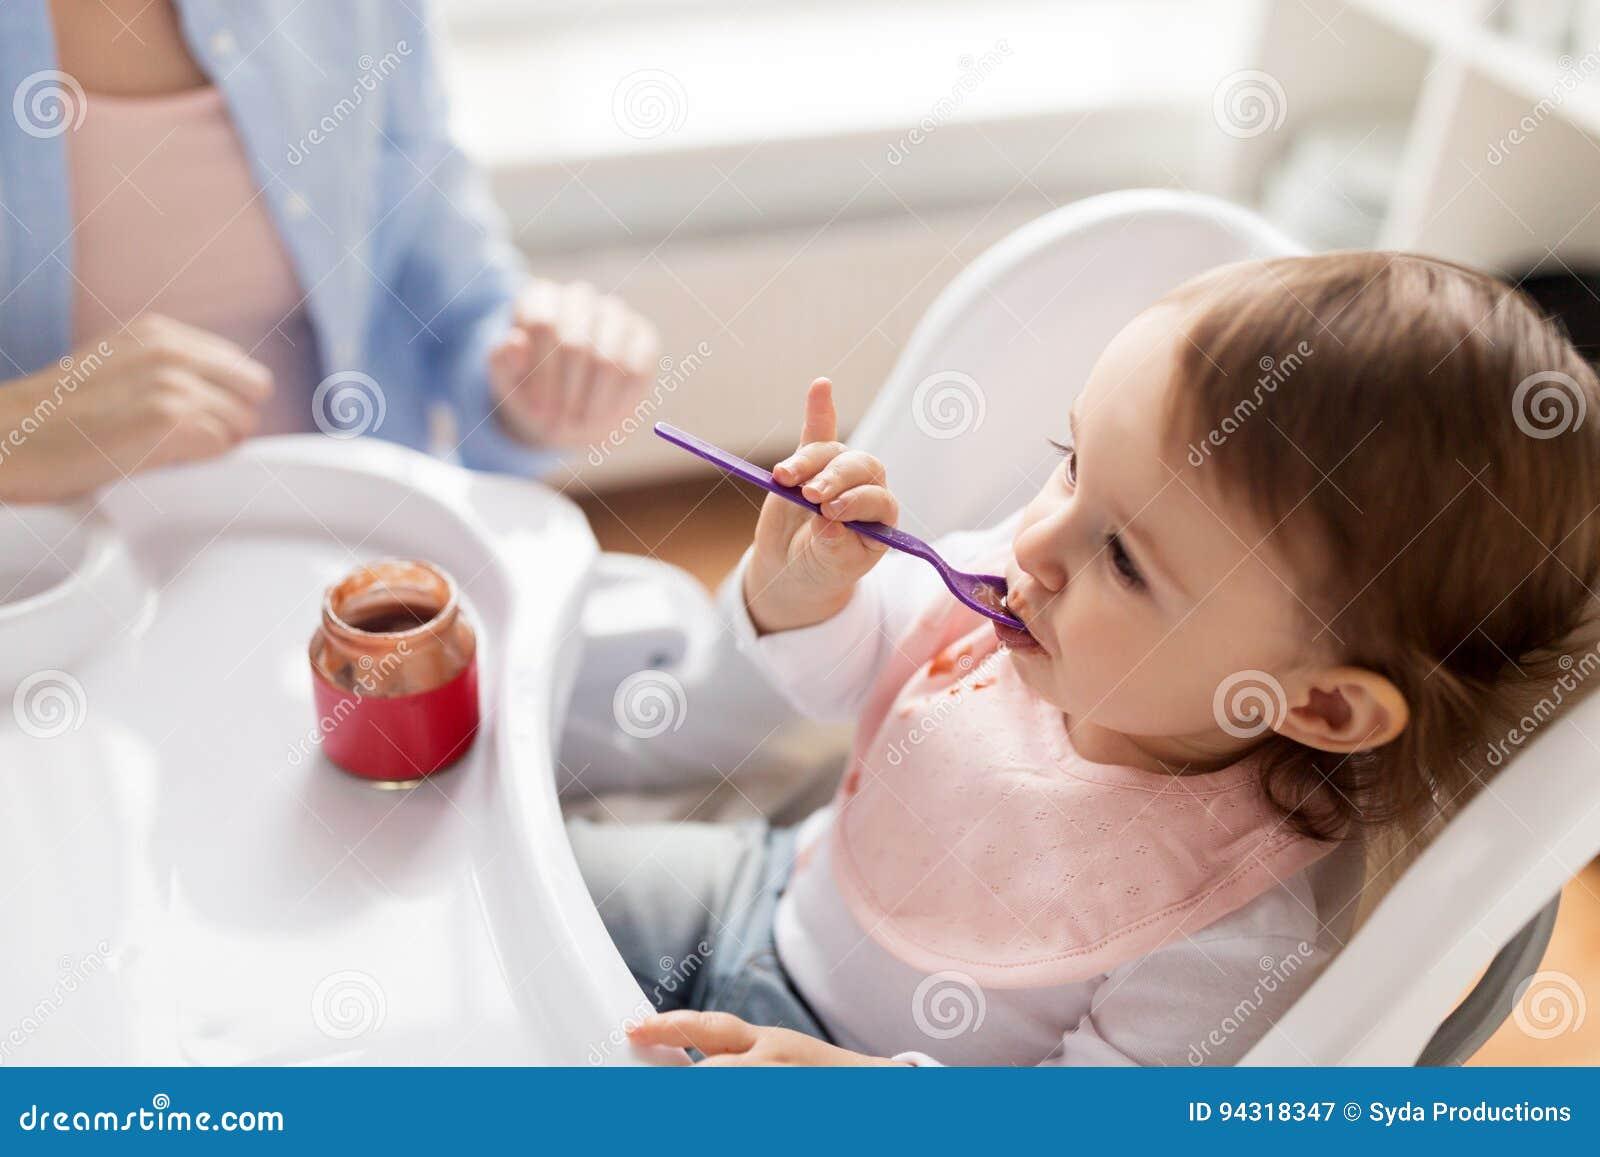 Bébé avec la cuillère mangeant de la purée du pot à la maison